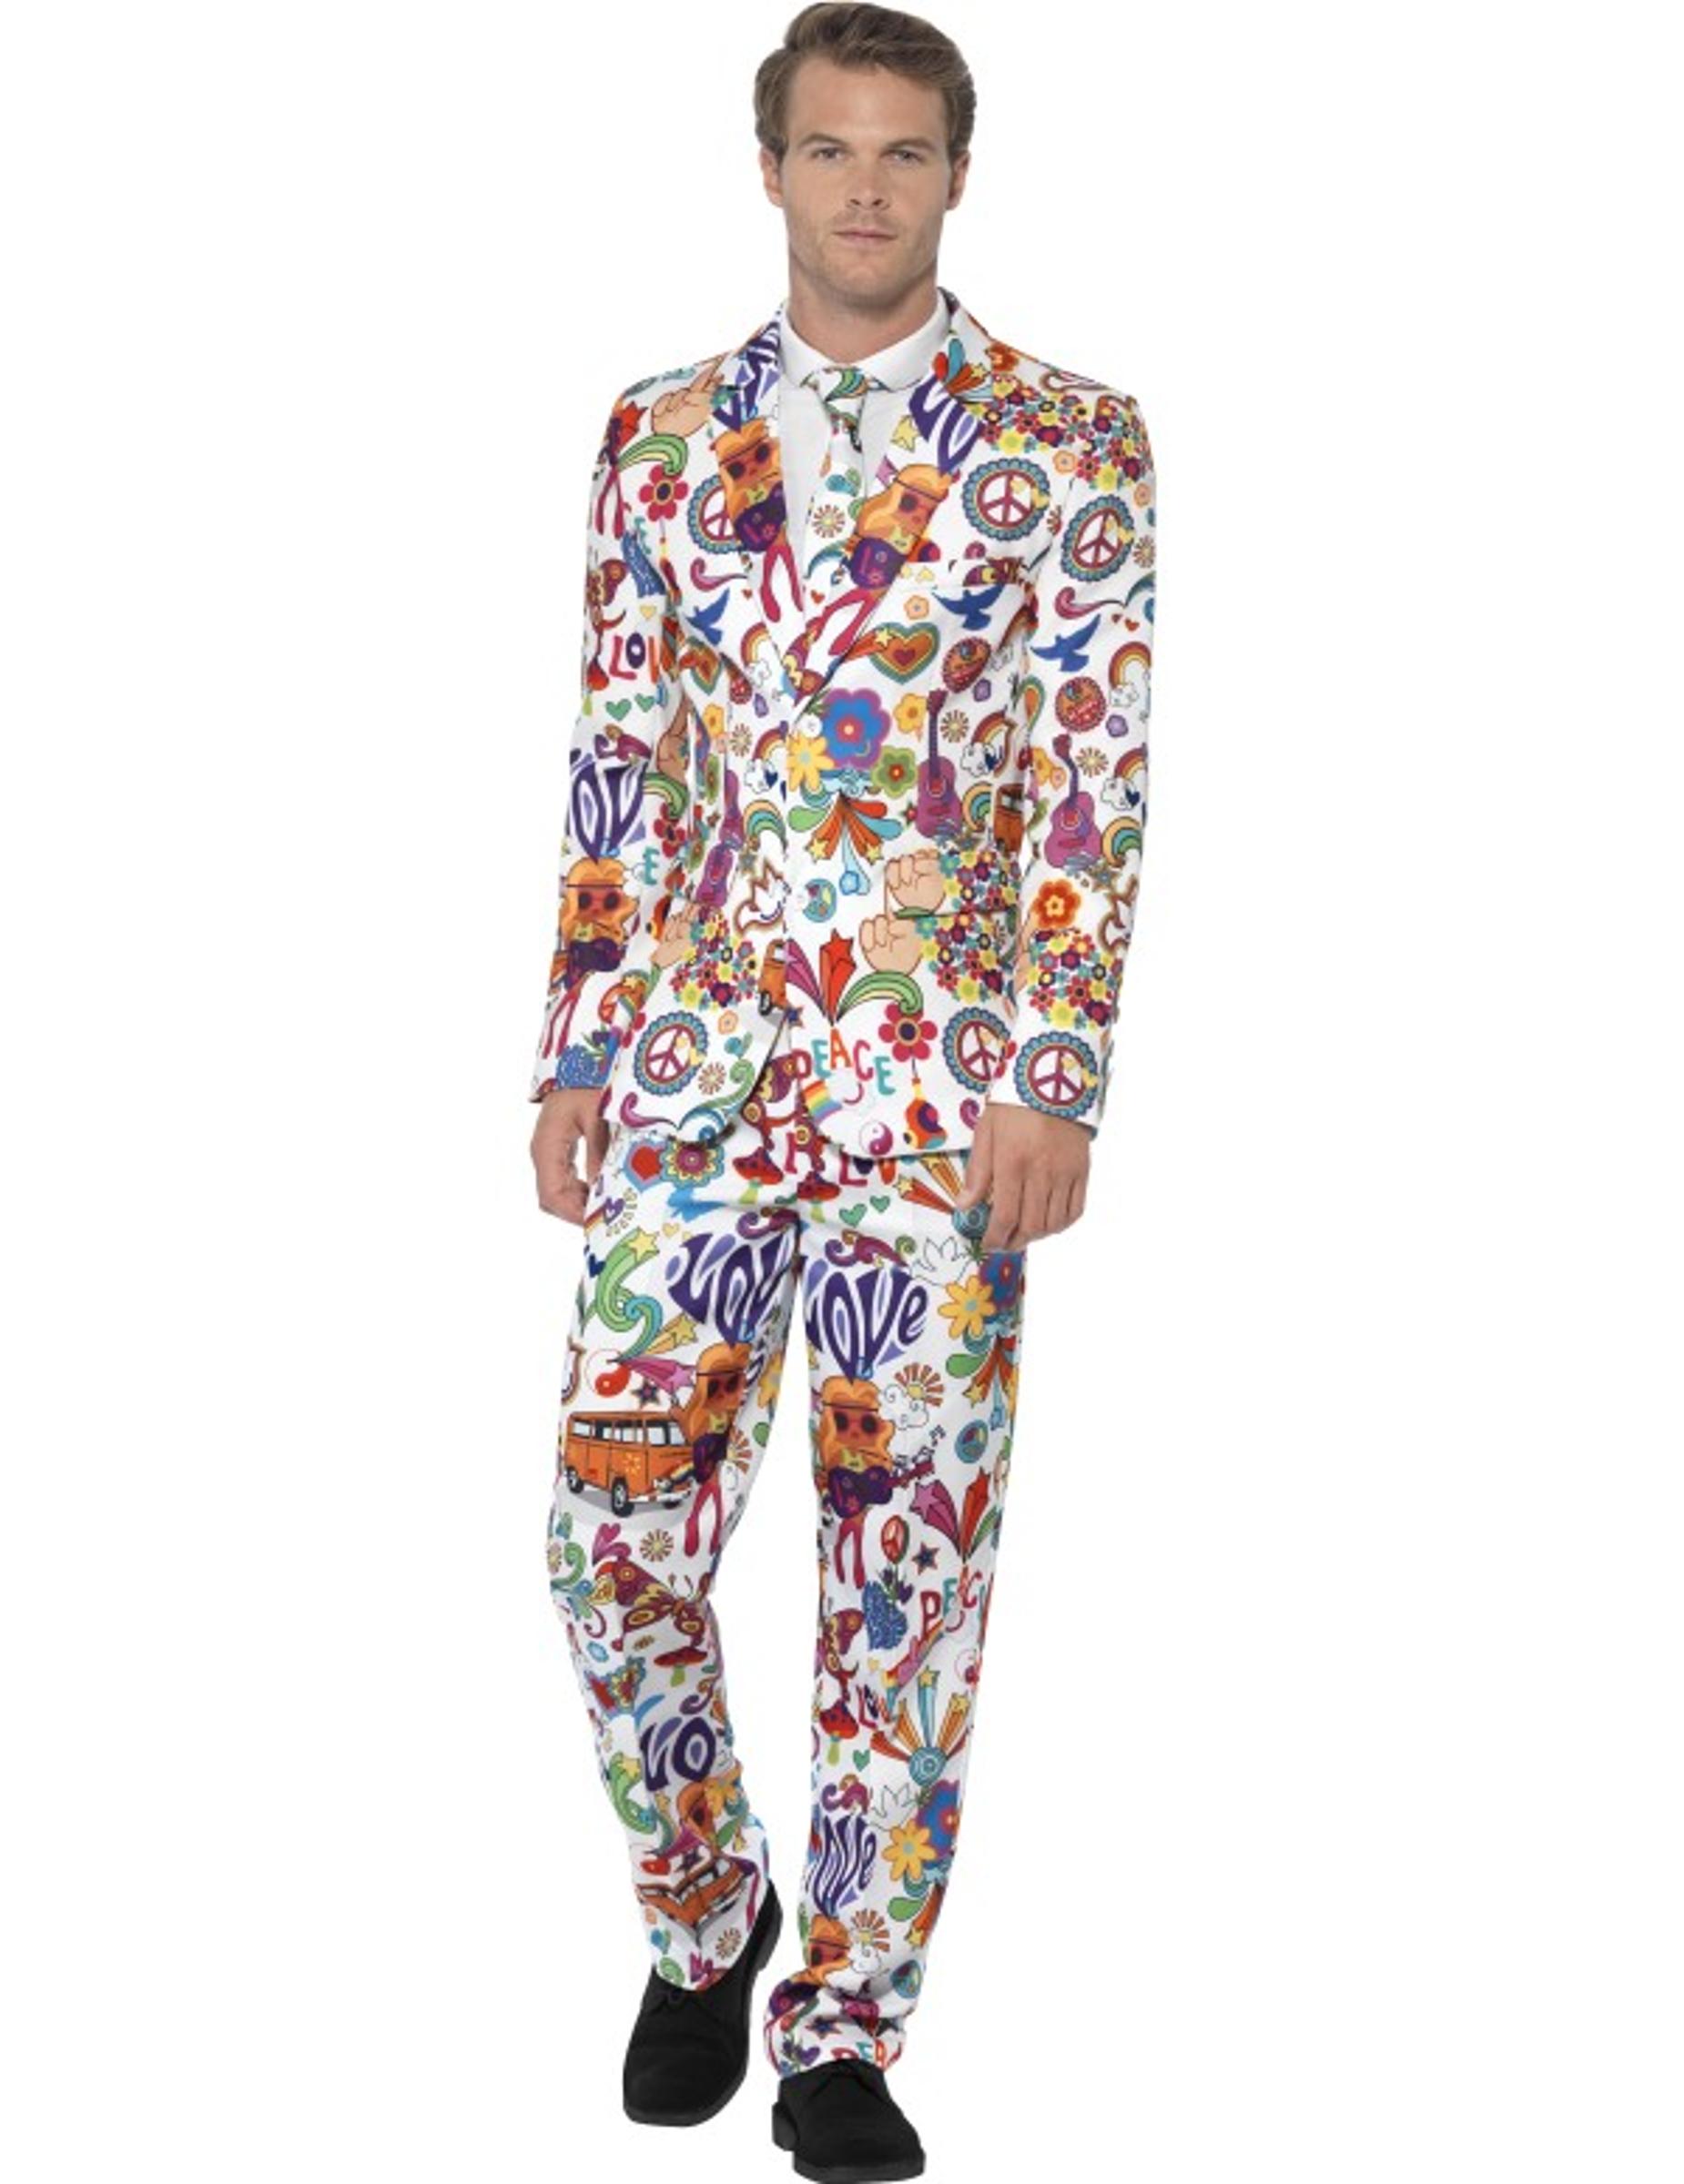 Farbenfroher hippie anzug herrenanzug weiss bunt for Mobilya megastore last minute